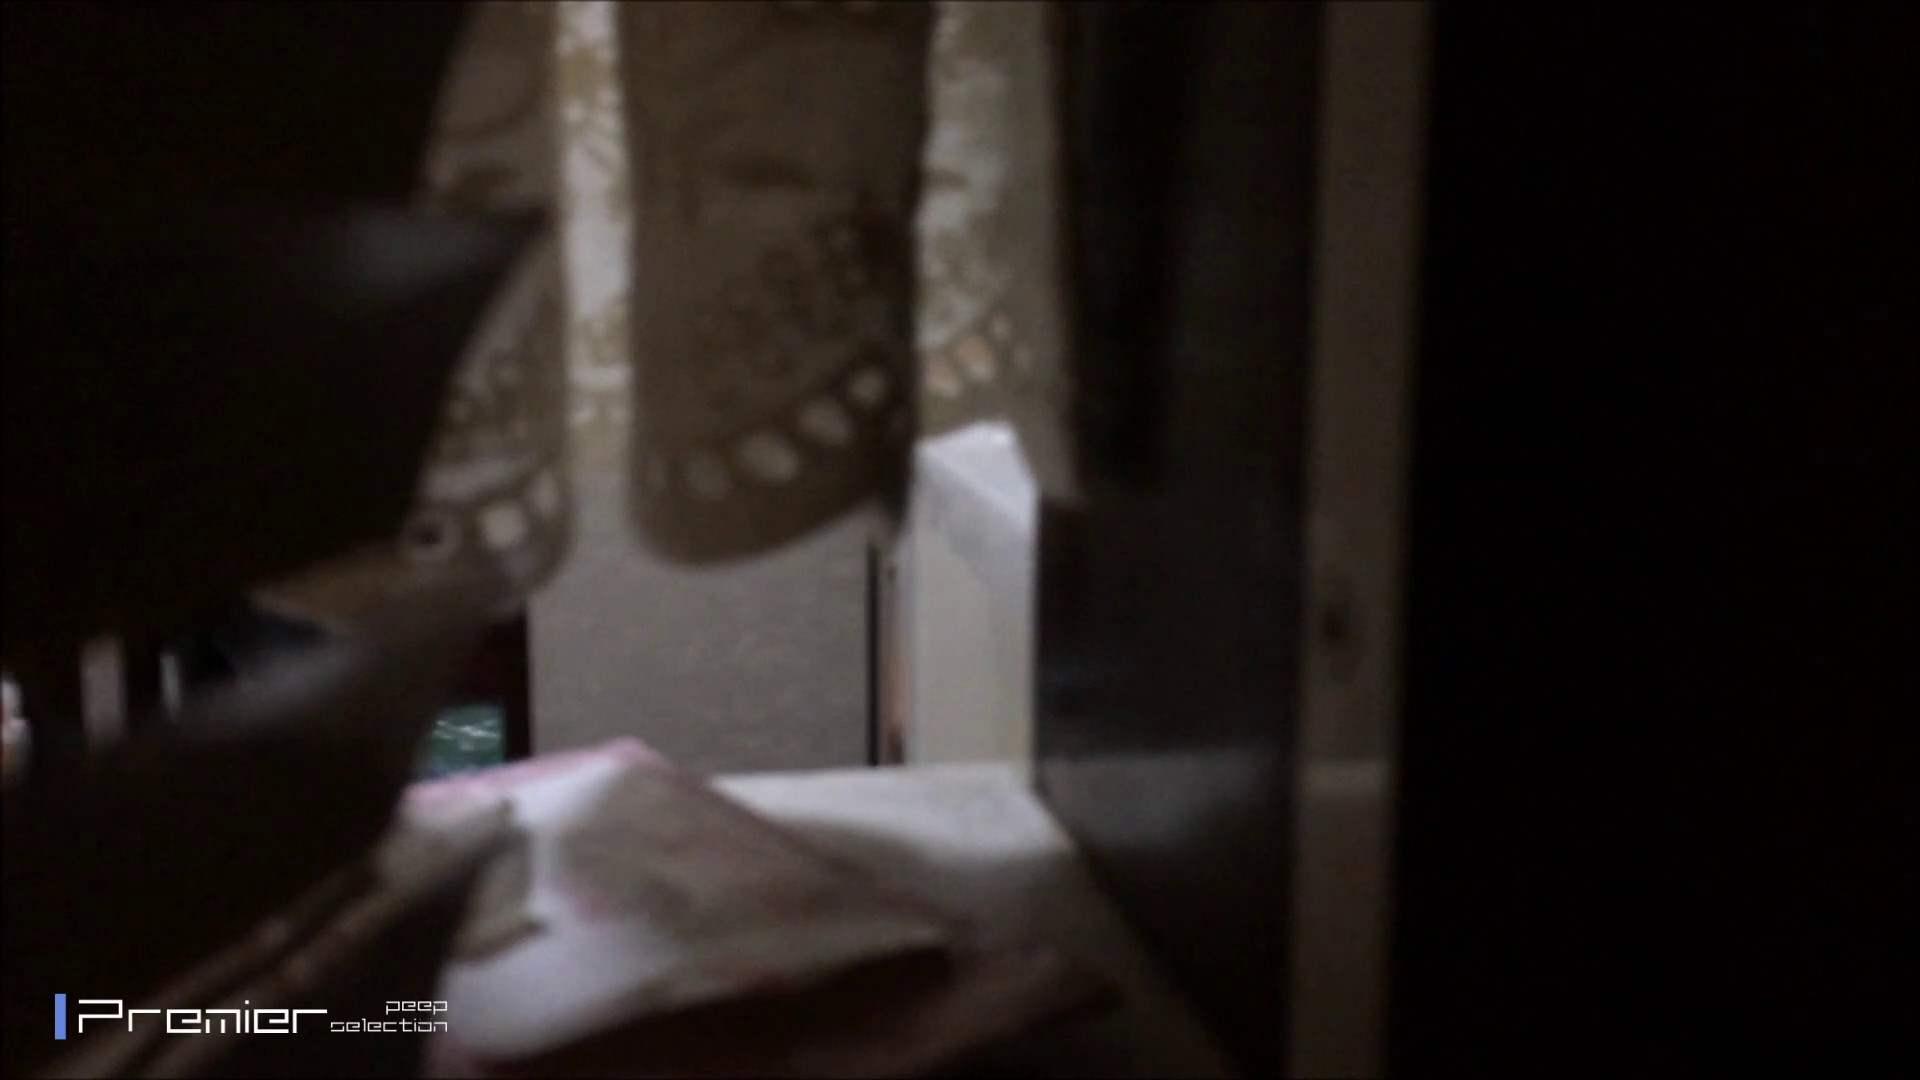 高画質フルハイビジョン スレンダー美女の入浴 乙女の風呂場 Vol.04 入浴中 盗撮 75画像 15